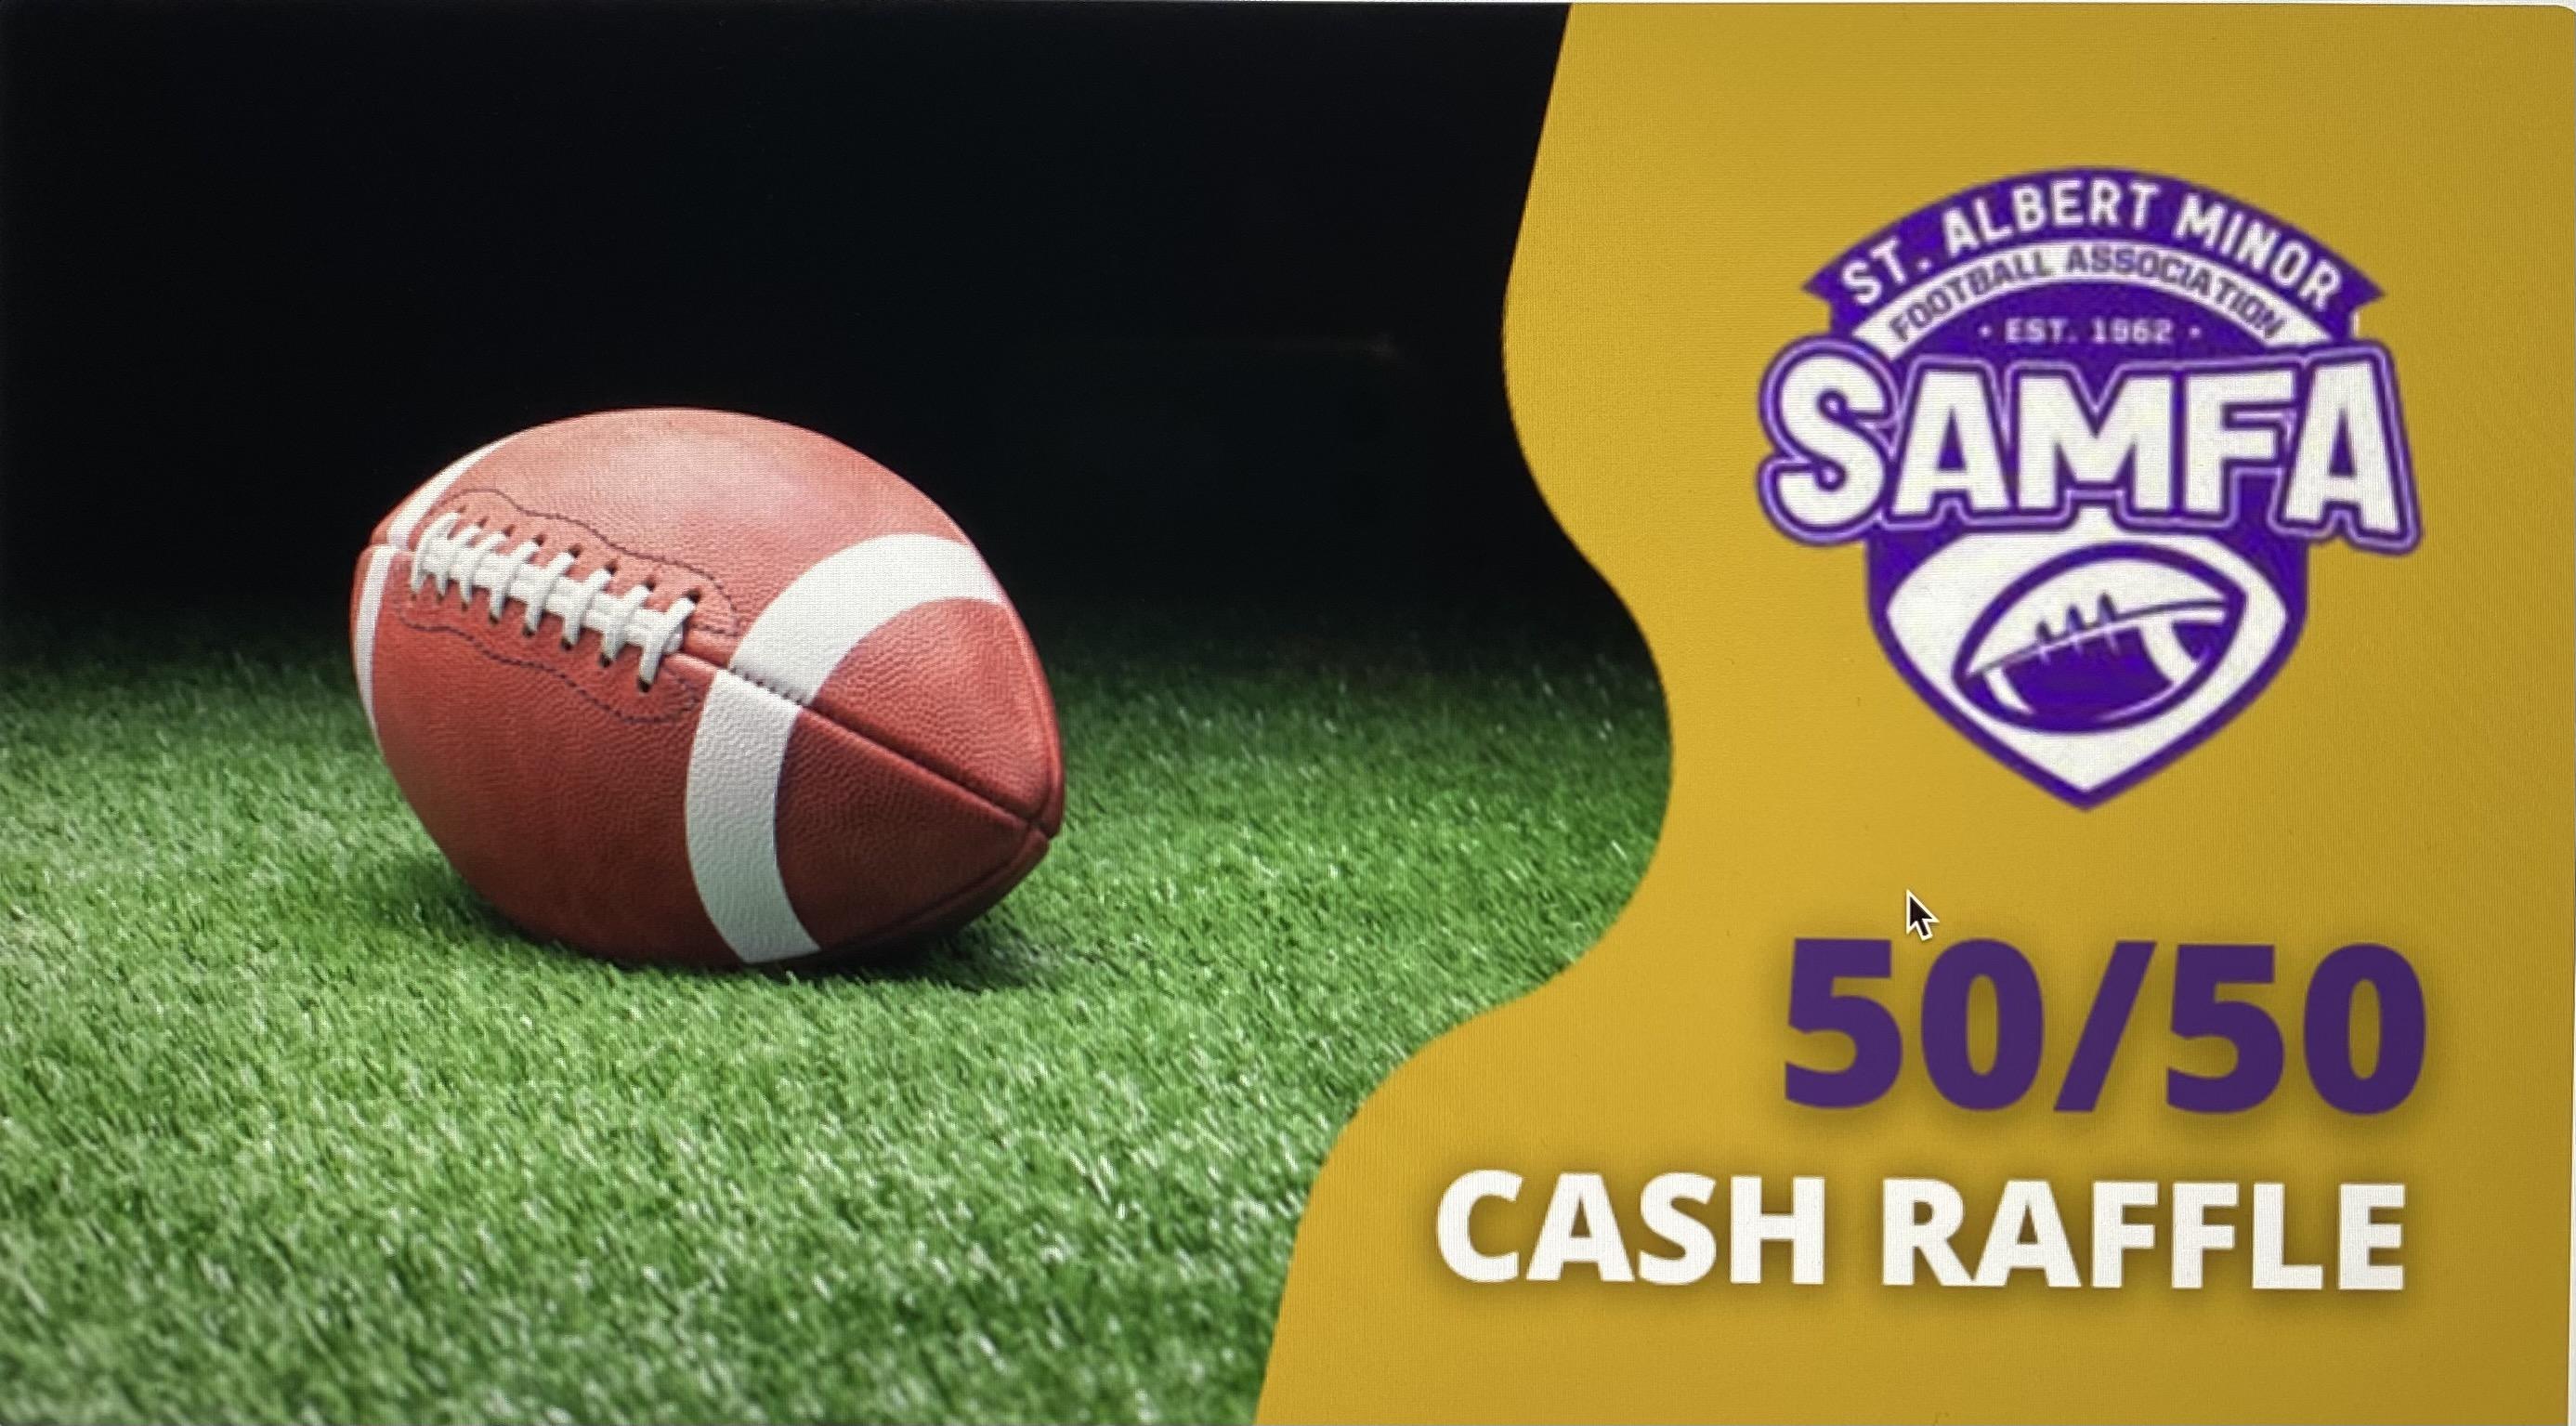 SAMFA 50/50 Cash Raffle Fundraiser